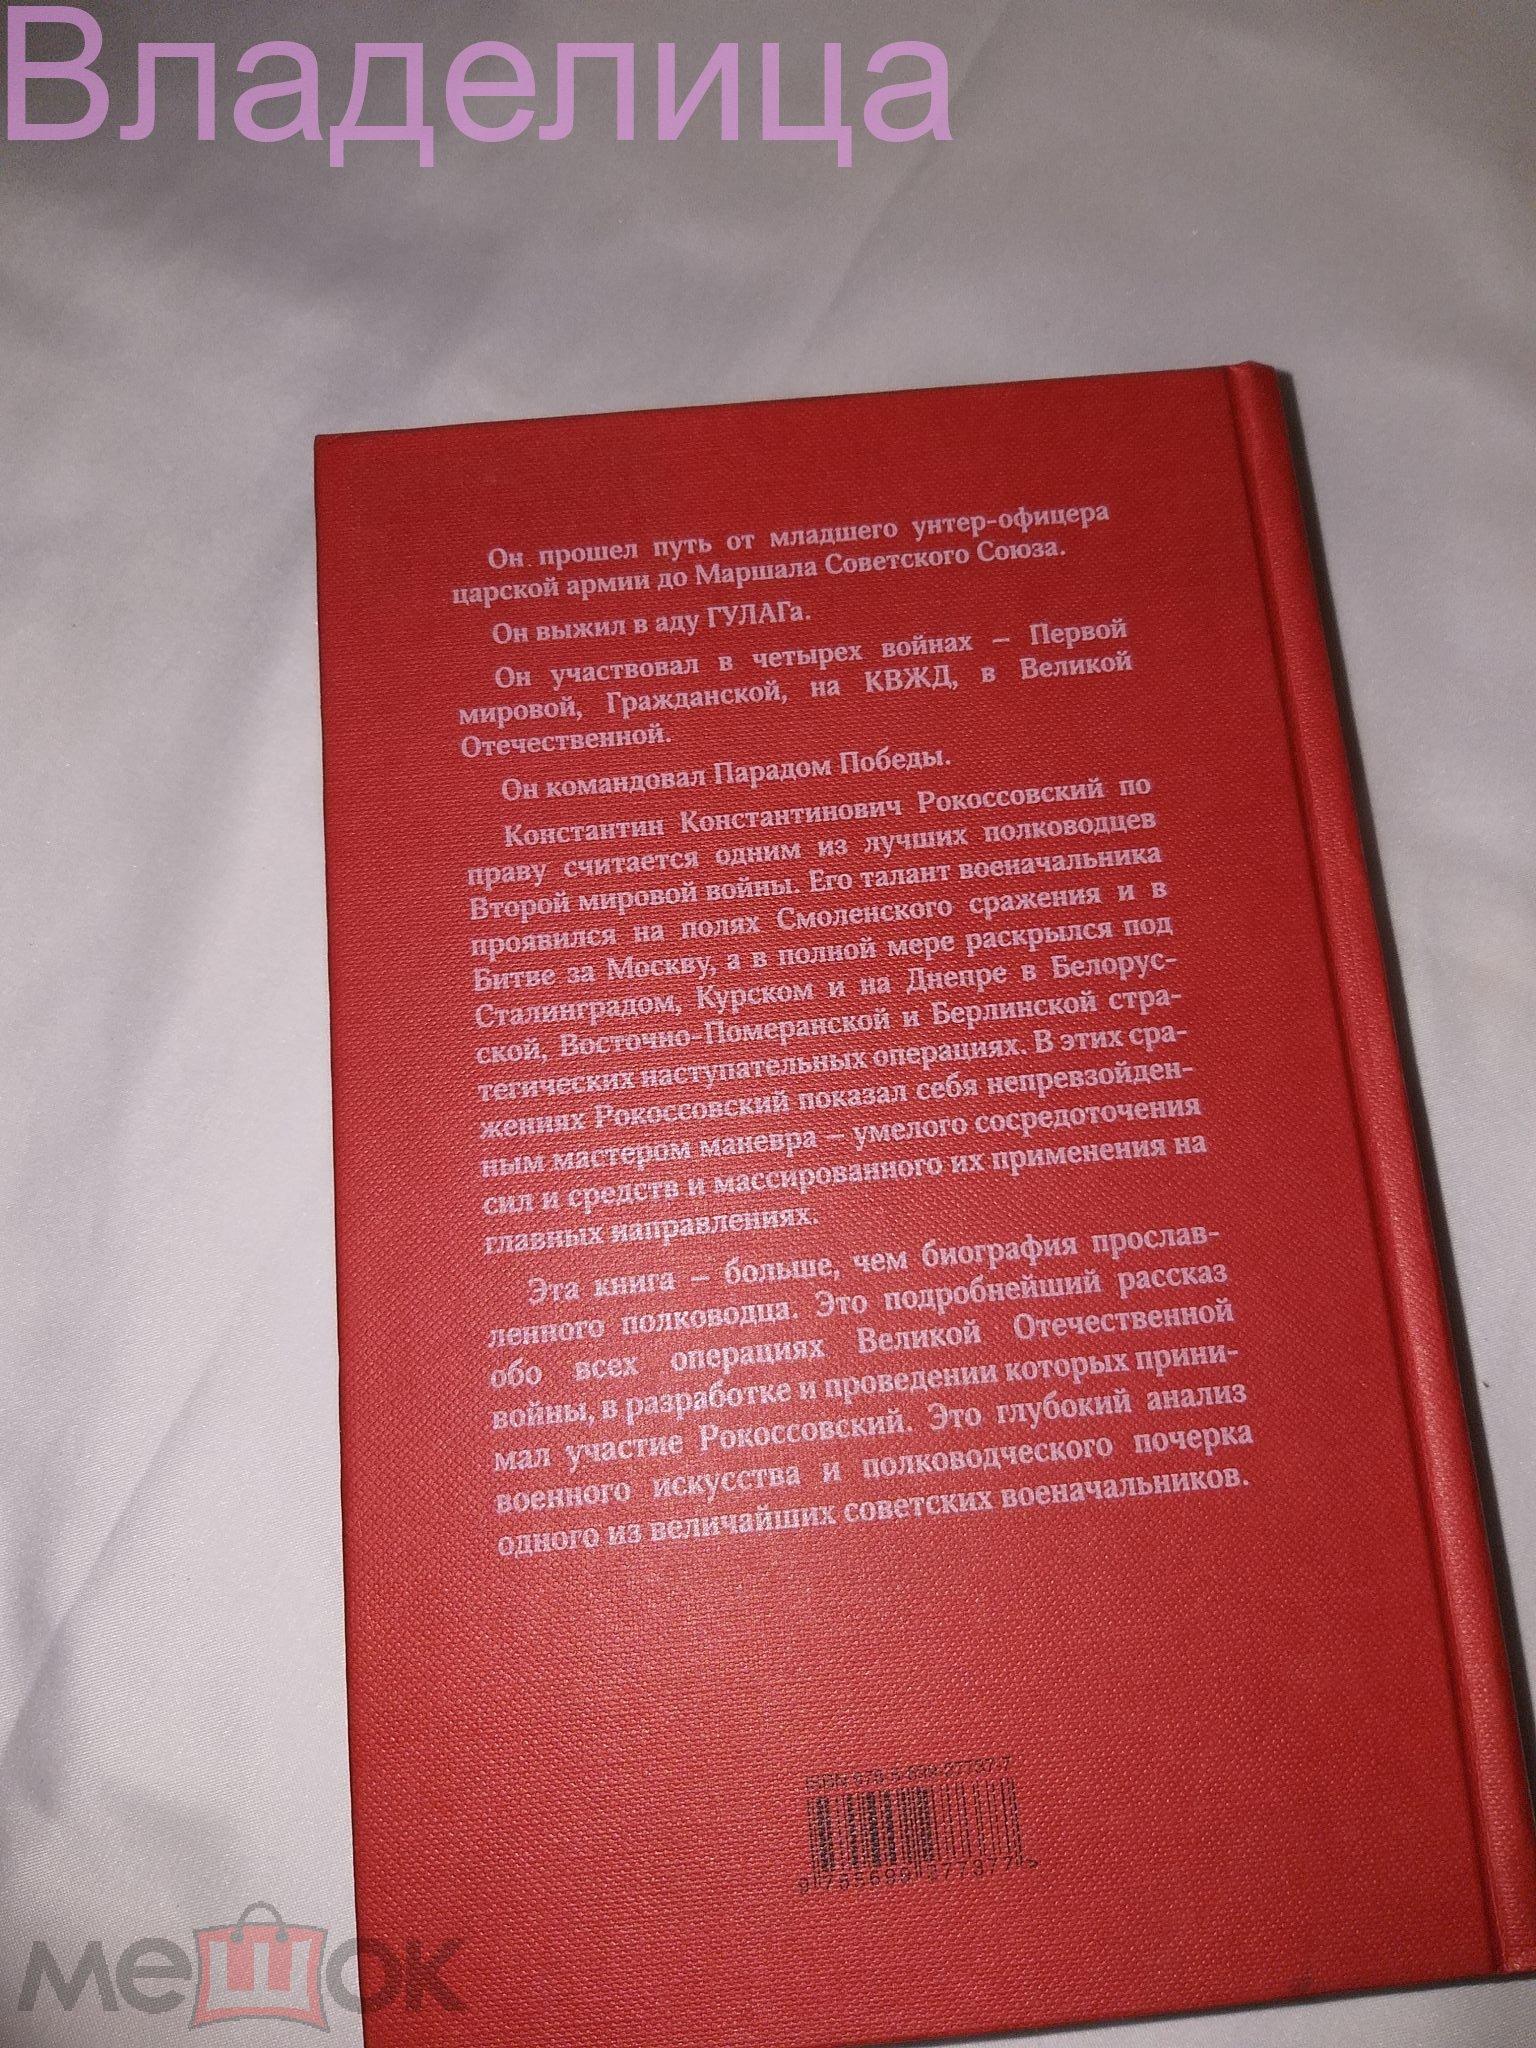 Книга Рокоссовский Гений маневра. В.Дайнес. ЭКСМО 2008